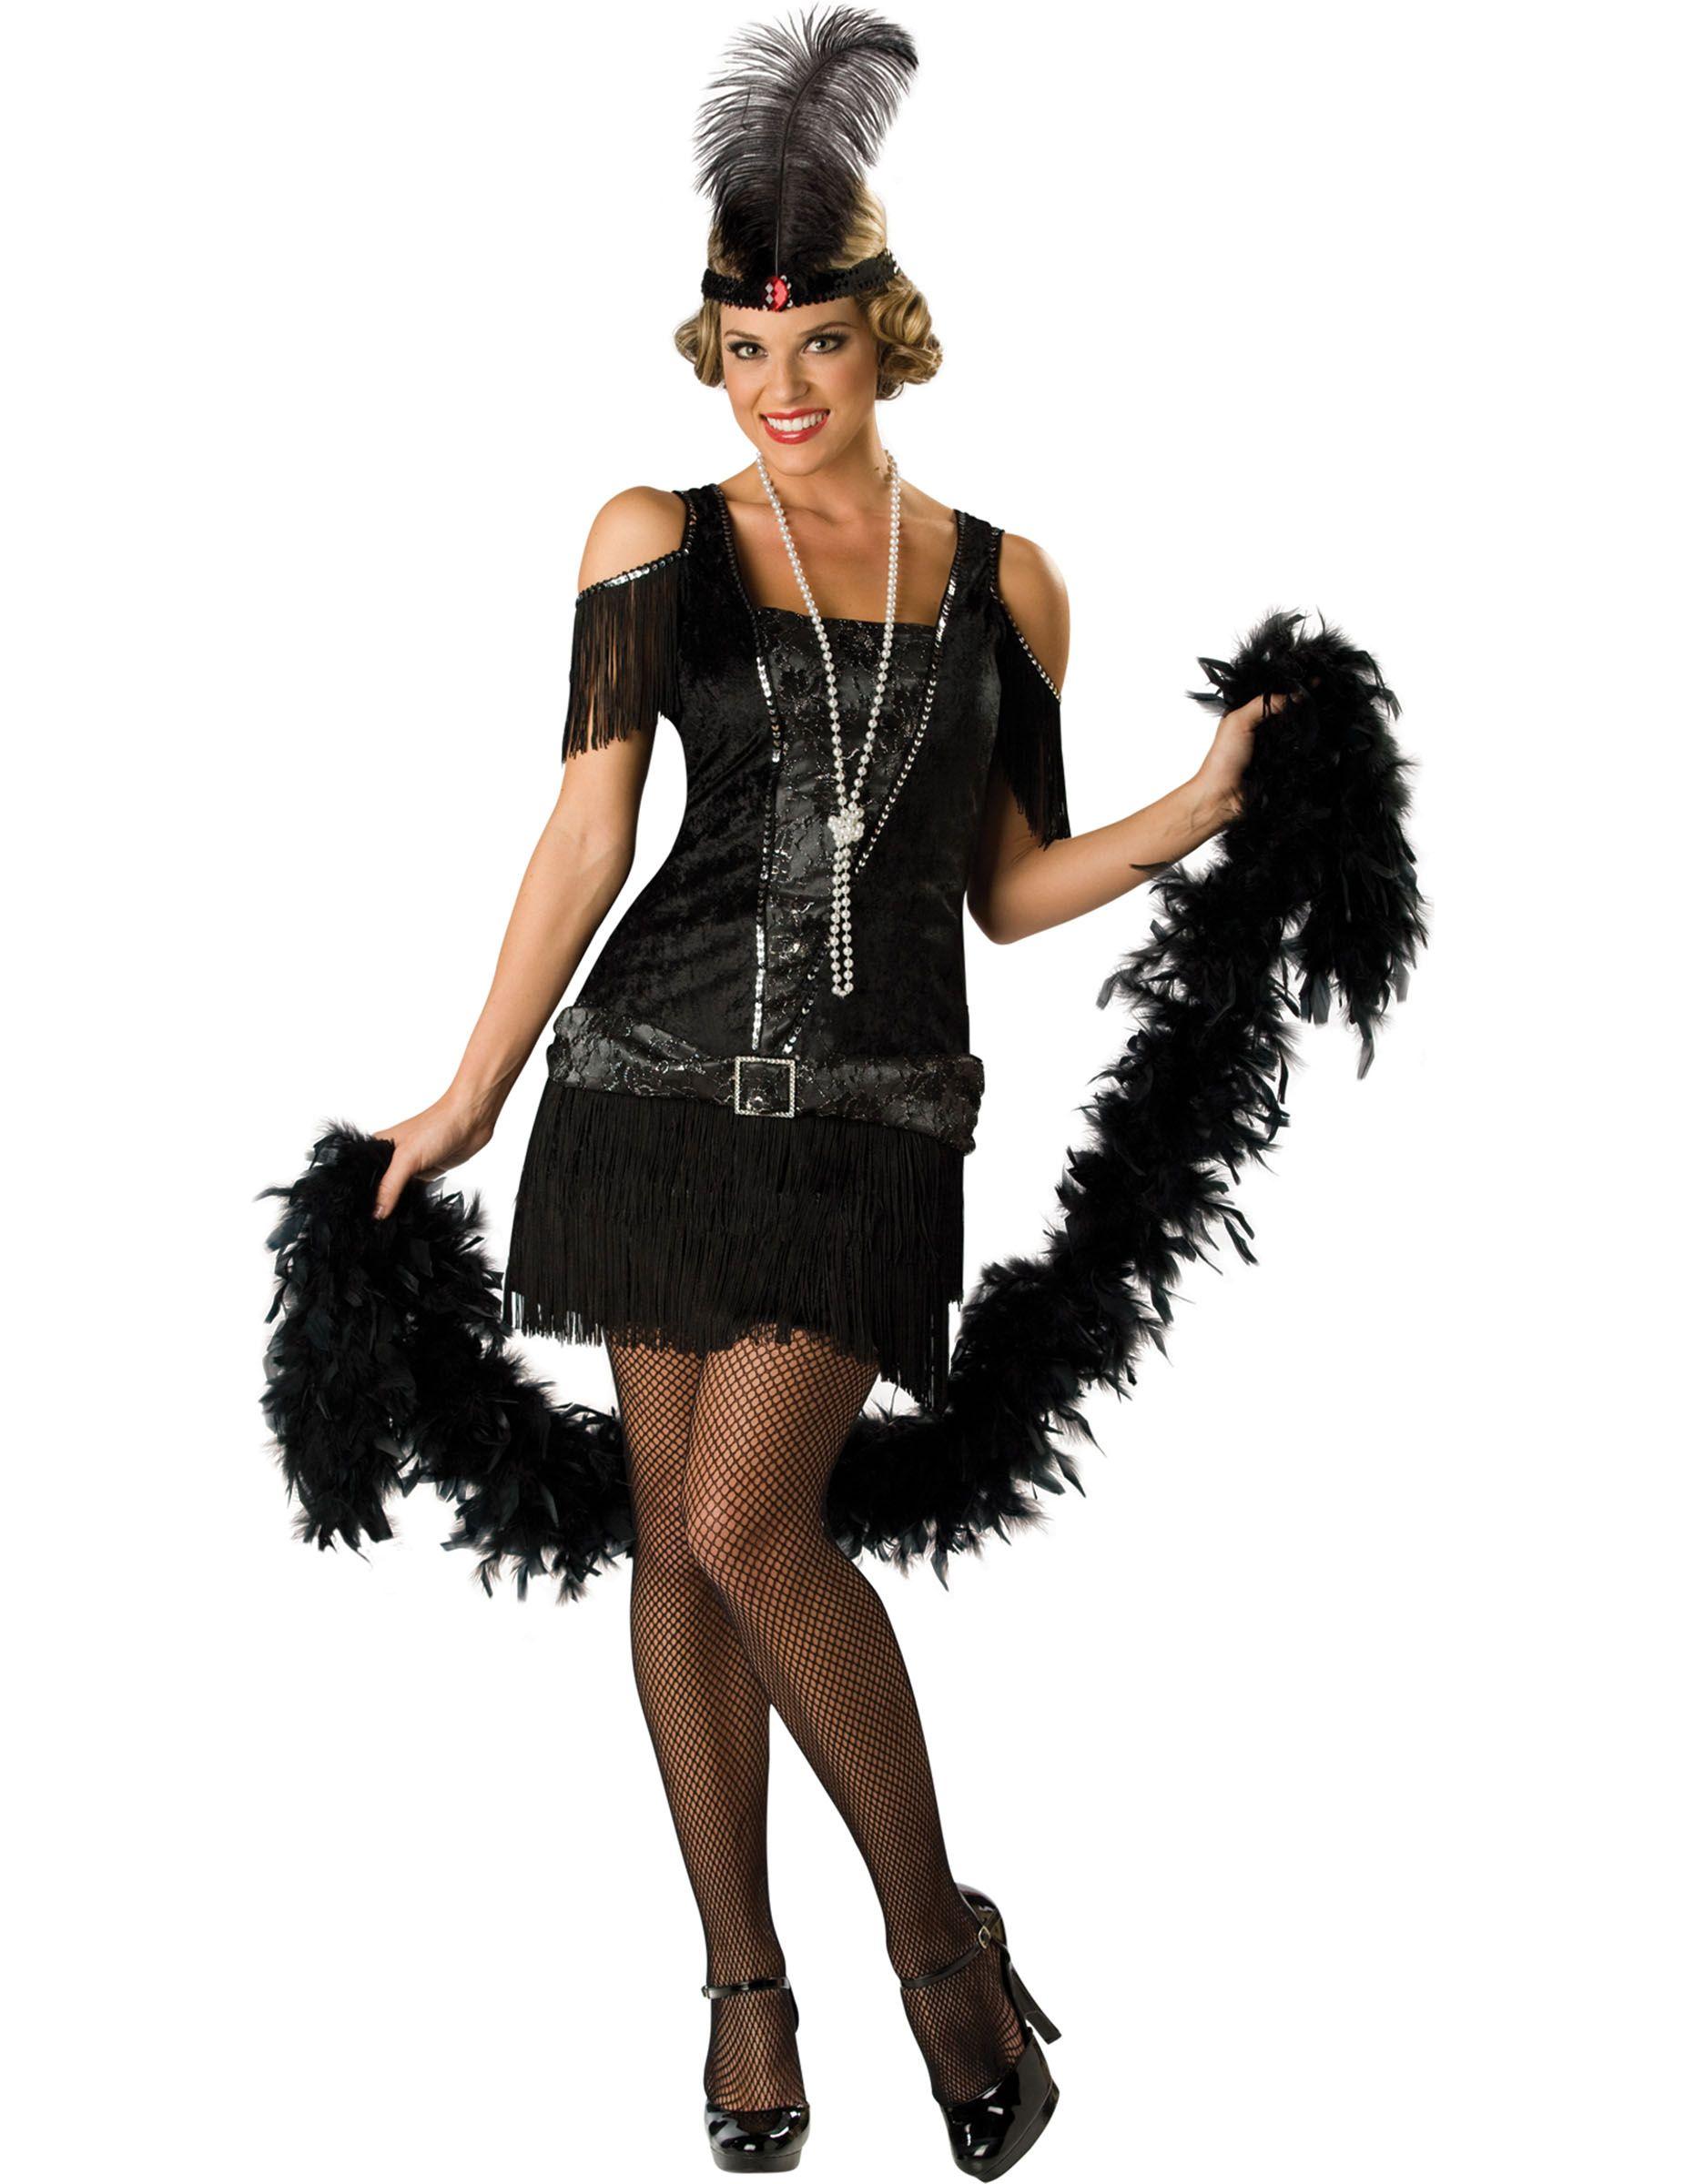 Travestimento Charleston donna - Premium  Qusto travestimento è composto da  un vestito 809c32bc03b